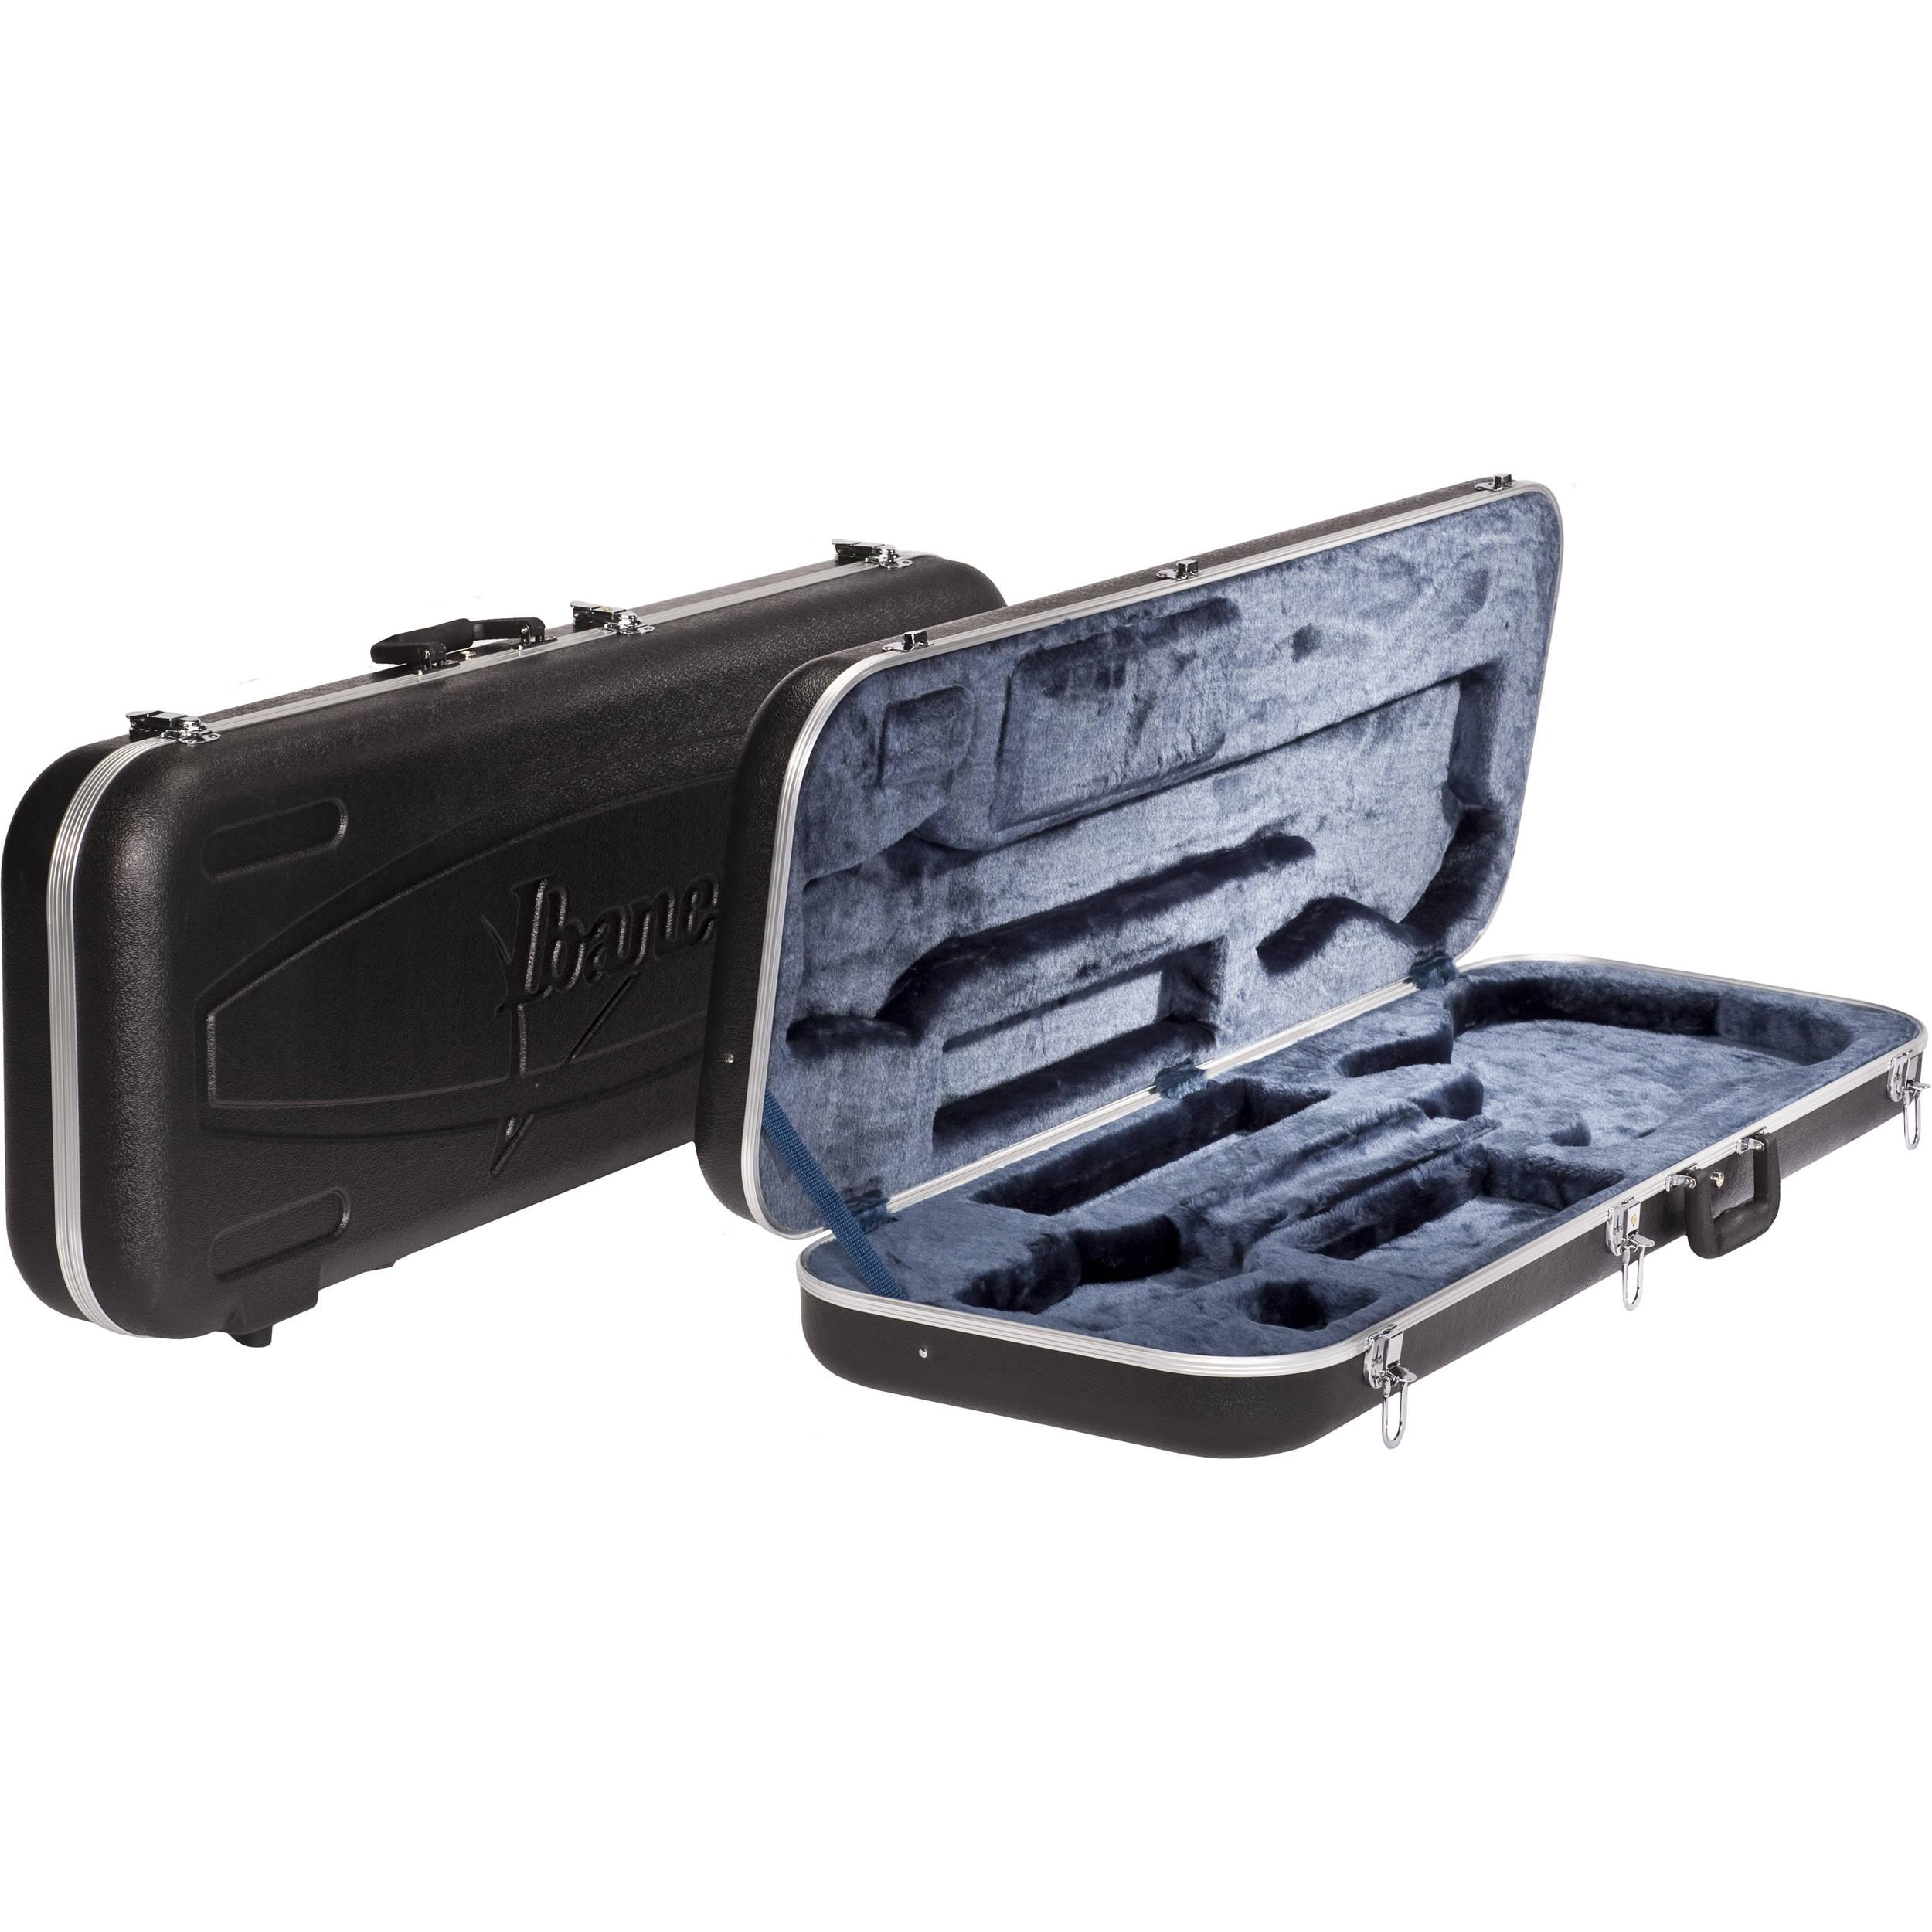 ibanez m100c molded electric case for rg rga rgd rg7 s. Black Bedroom Furniture Sets. Home Design Ideas